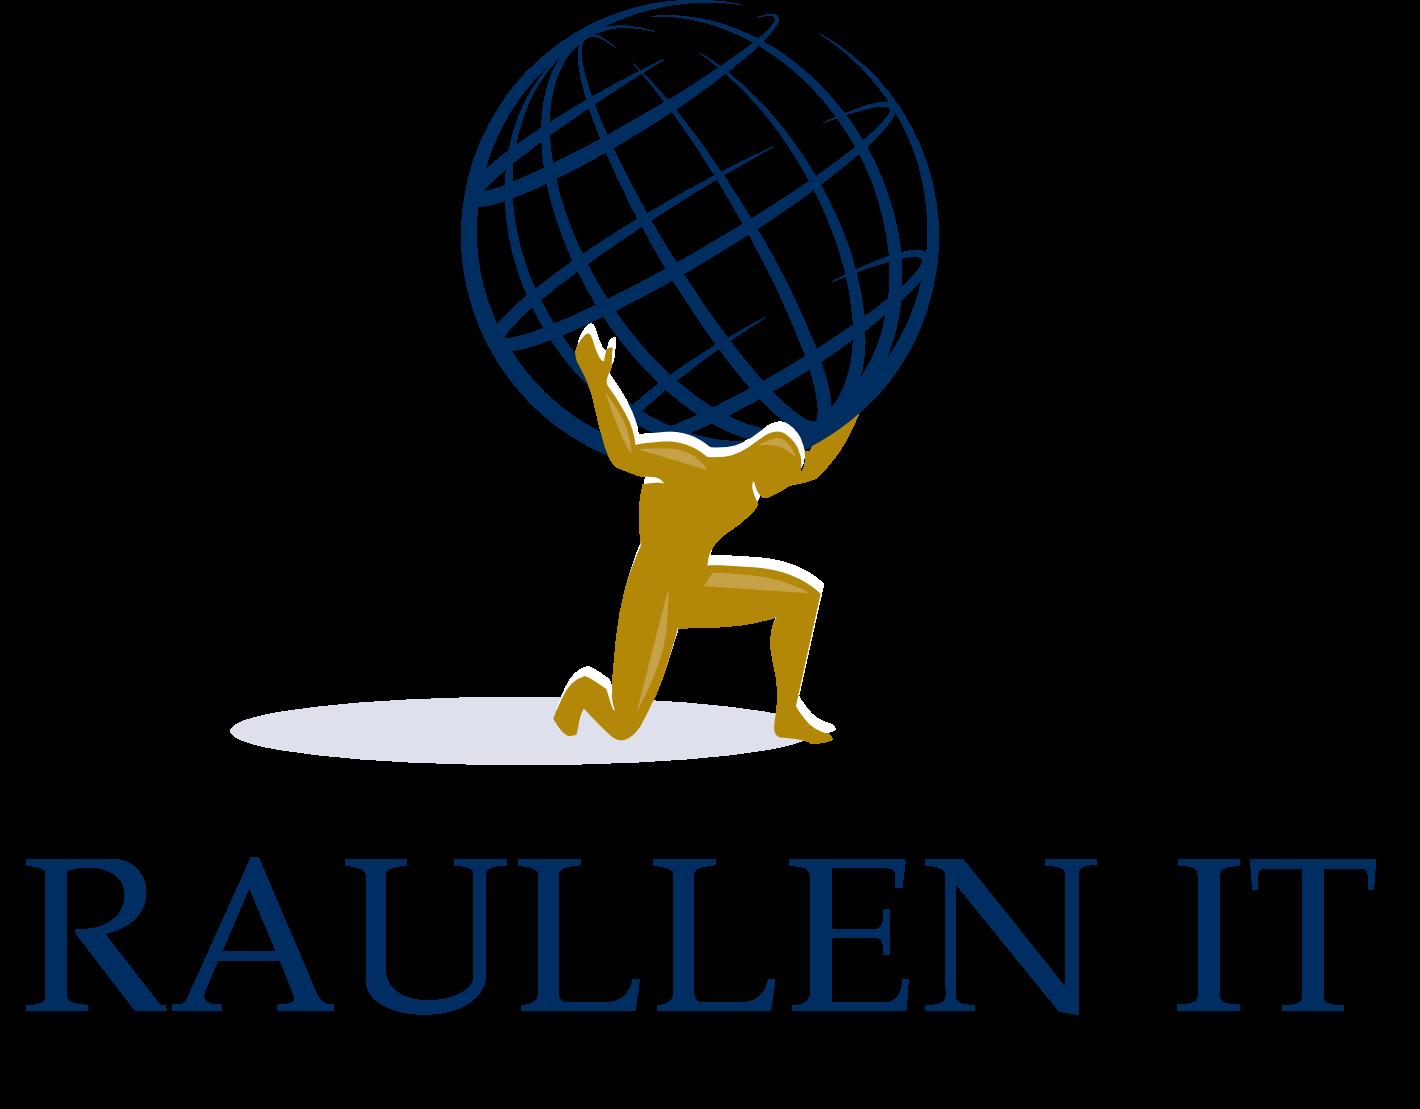 Raullen – Trabalho temporário